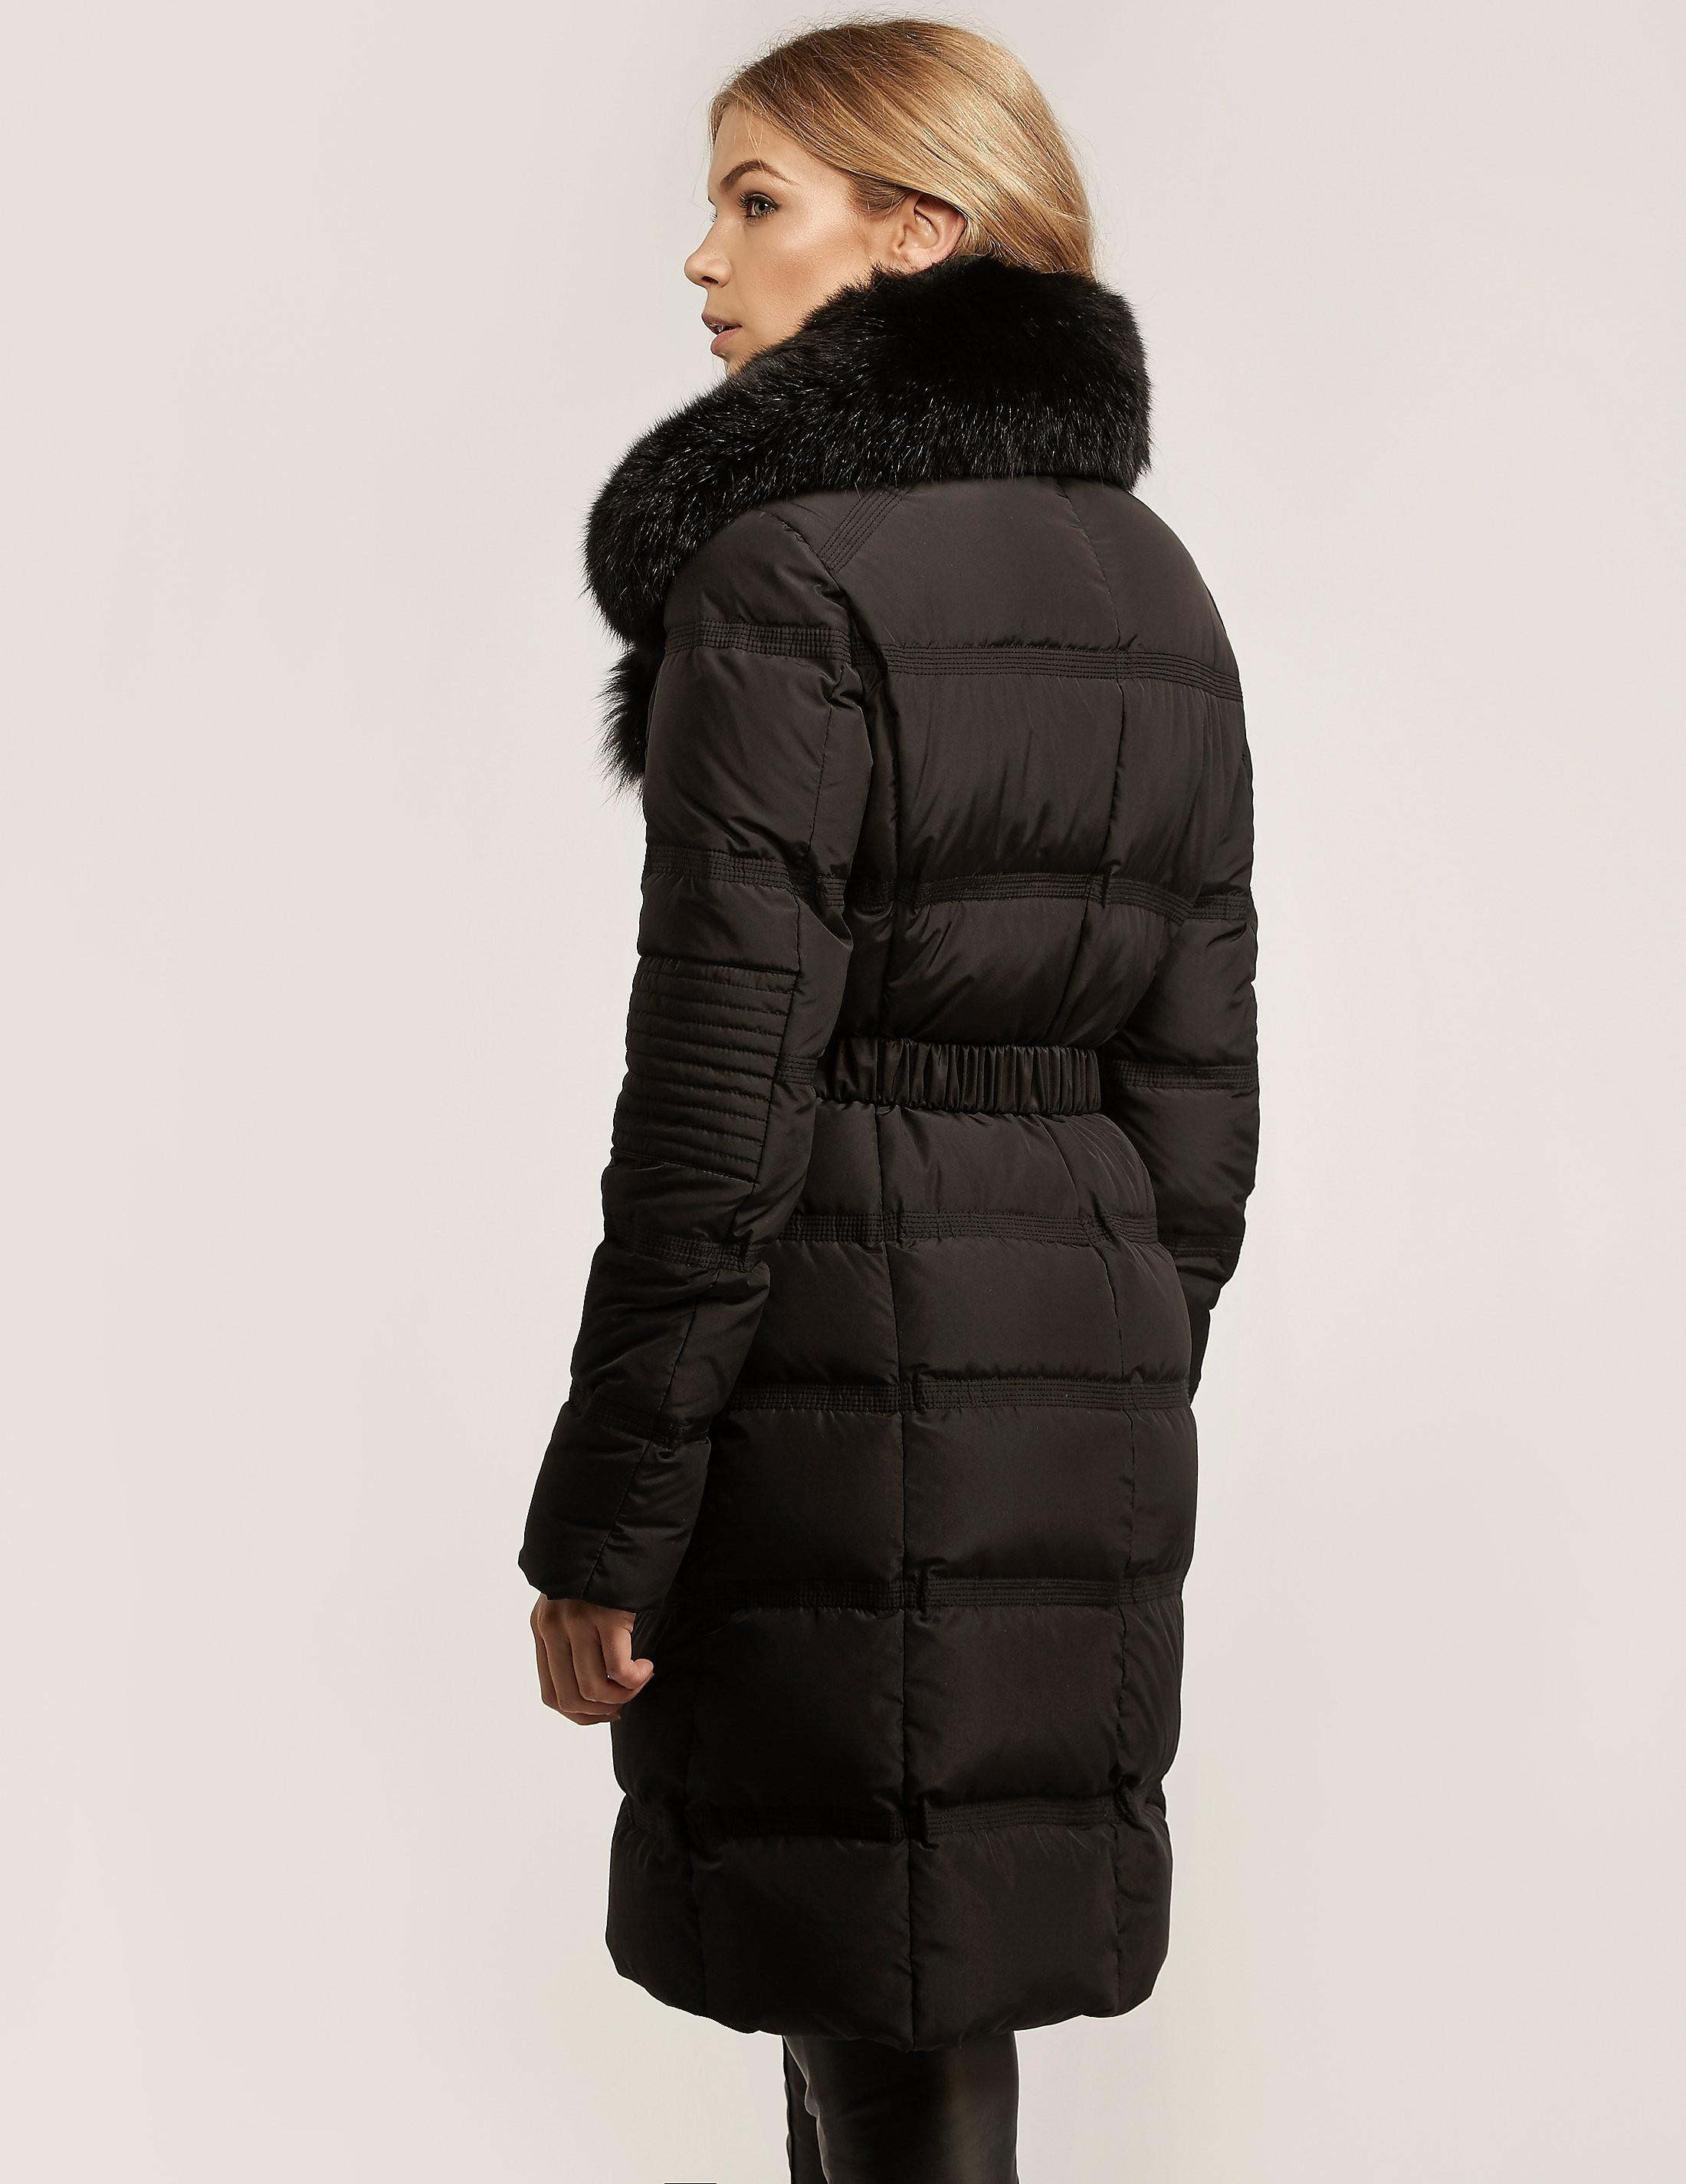 Versus Versace DW Belt Jacket